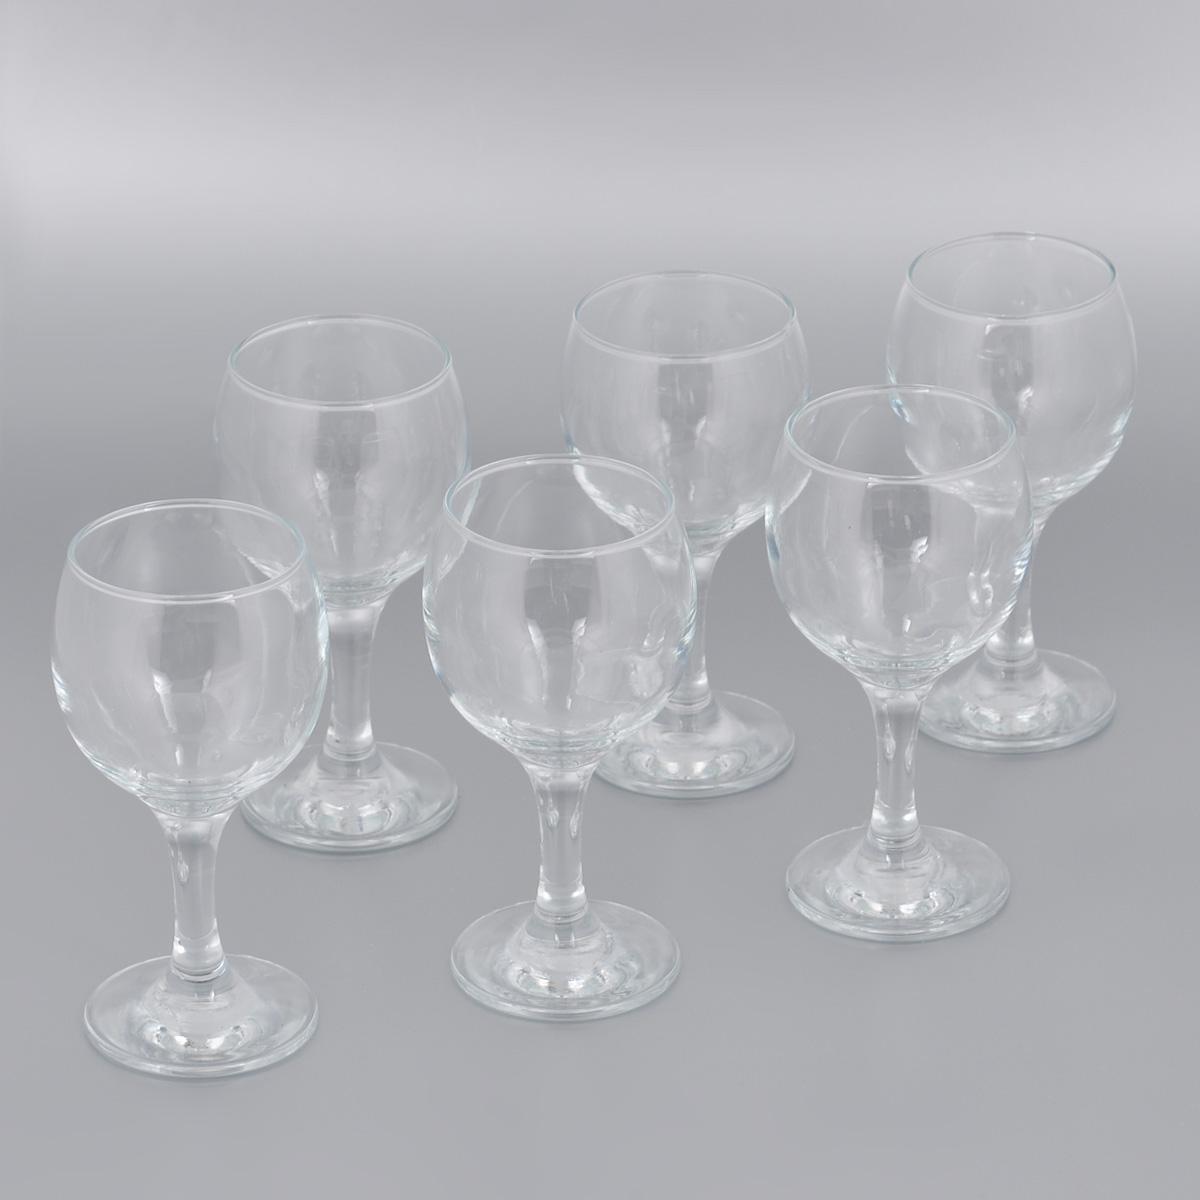 Набор бокалов для красного вина Pasabahce Bistro, 225 мл, 6 штVT-1520(SR)Набор Pasabahce Bistro состоит из шести бокалов, выполненных из прочного натрий-кальций-силикатного стекла. Бокалы предназначены для подачи красного вина. Они сочетают в себе элегантный дизайн и функциональность. Благодаря такому набору пить напитки будет еще вкуснее.Набор бокалов Pasabahce Bistro прекрасно оформит праздничный стол и создаст приятную атмосферу за романтическим ужином. Такой набор также станет хорошим подарком к любому случаю. Можно мыть в посудомоечной машине и использовать в микроволновой печи.Диаметр бокала (по верхнему краю): 6 см. Высота бокала: 15 см.